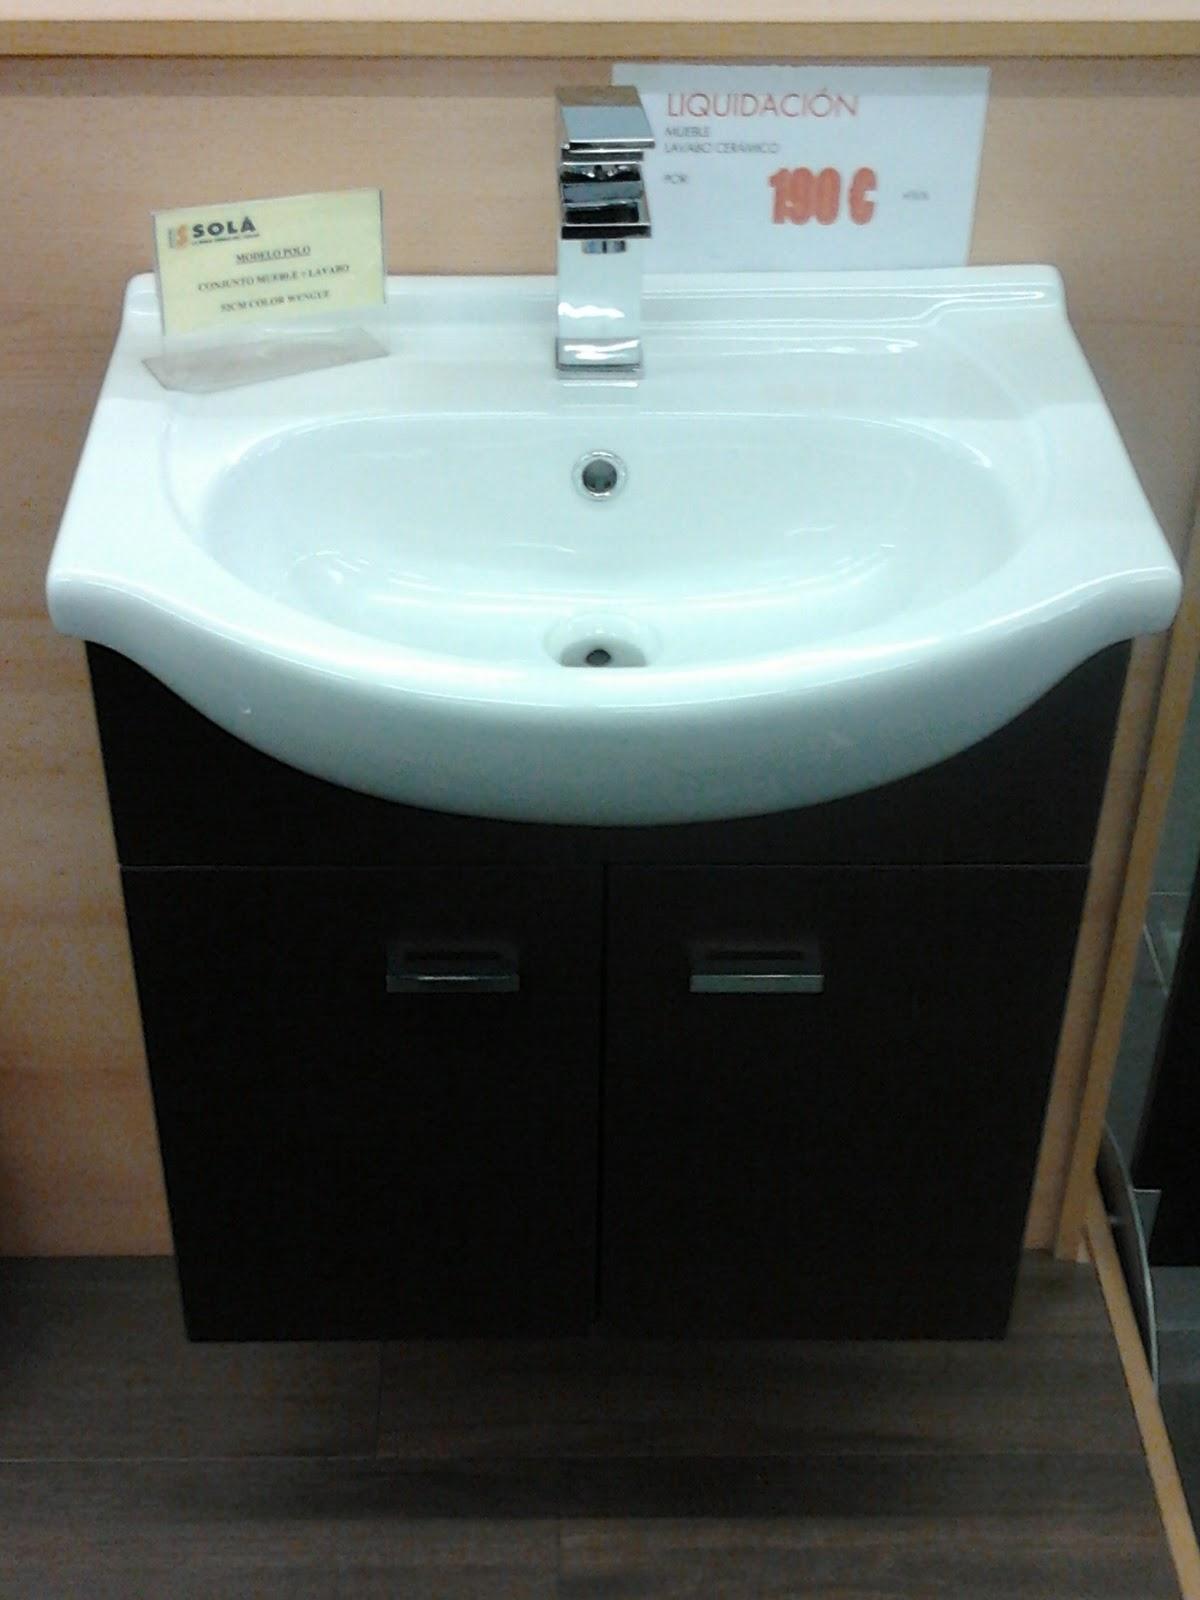 Azulejos Baño Ofertas:Azulejos Sola: Muebles de baño de oferta